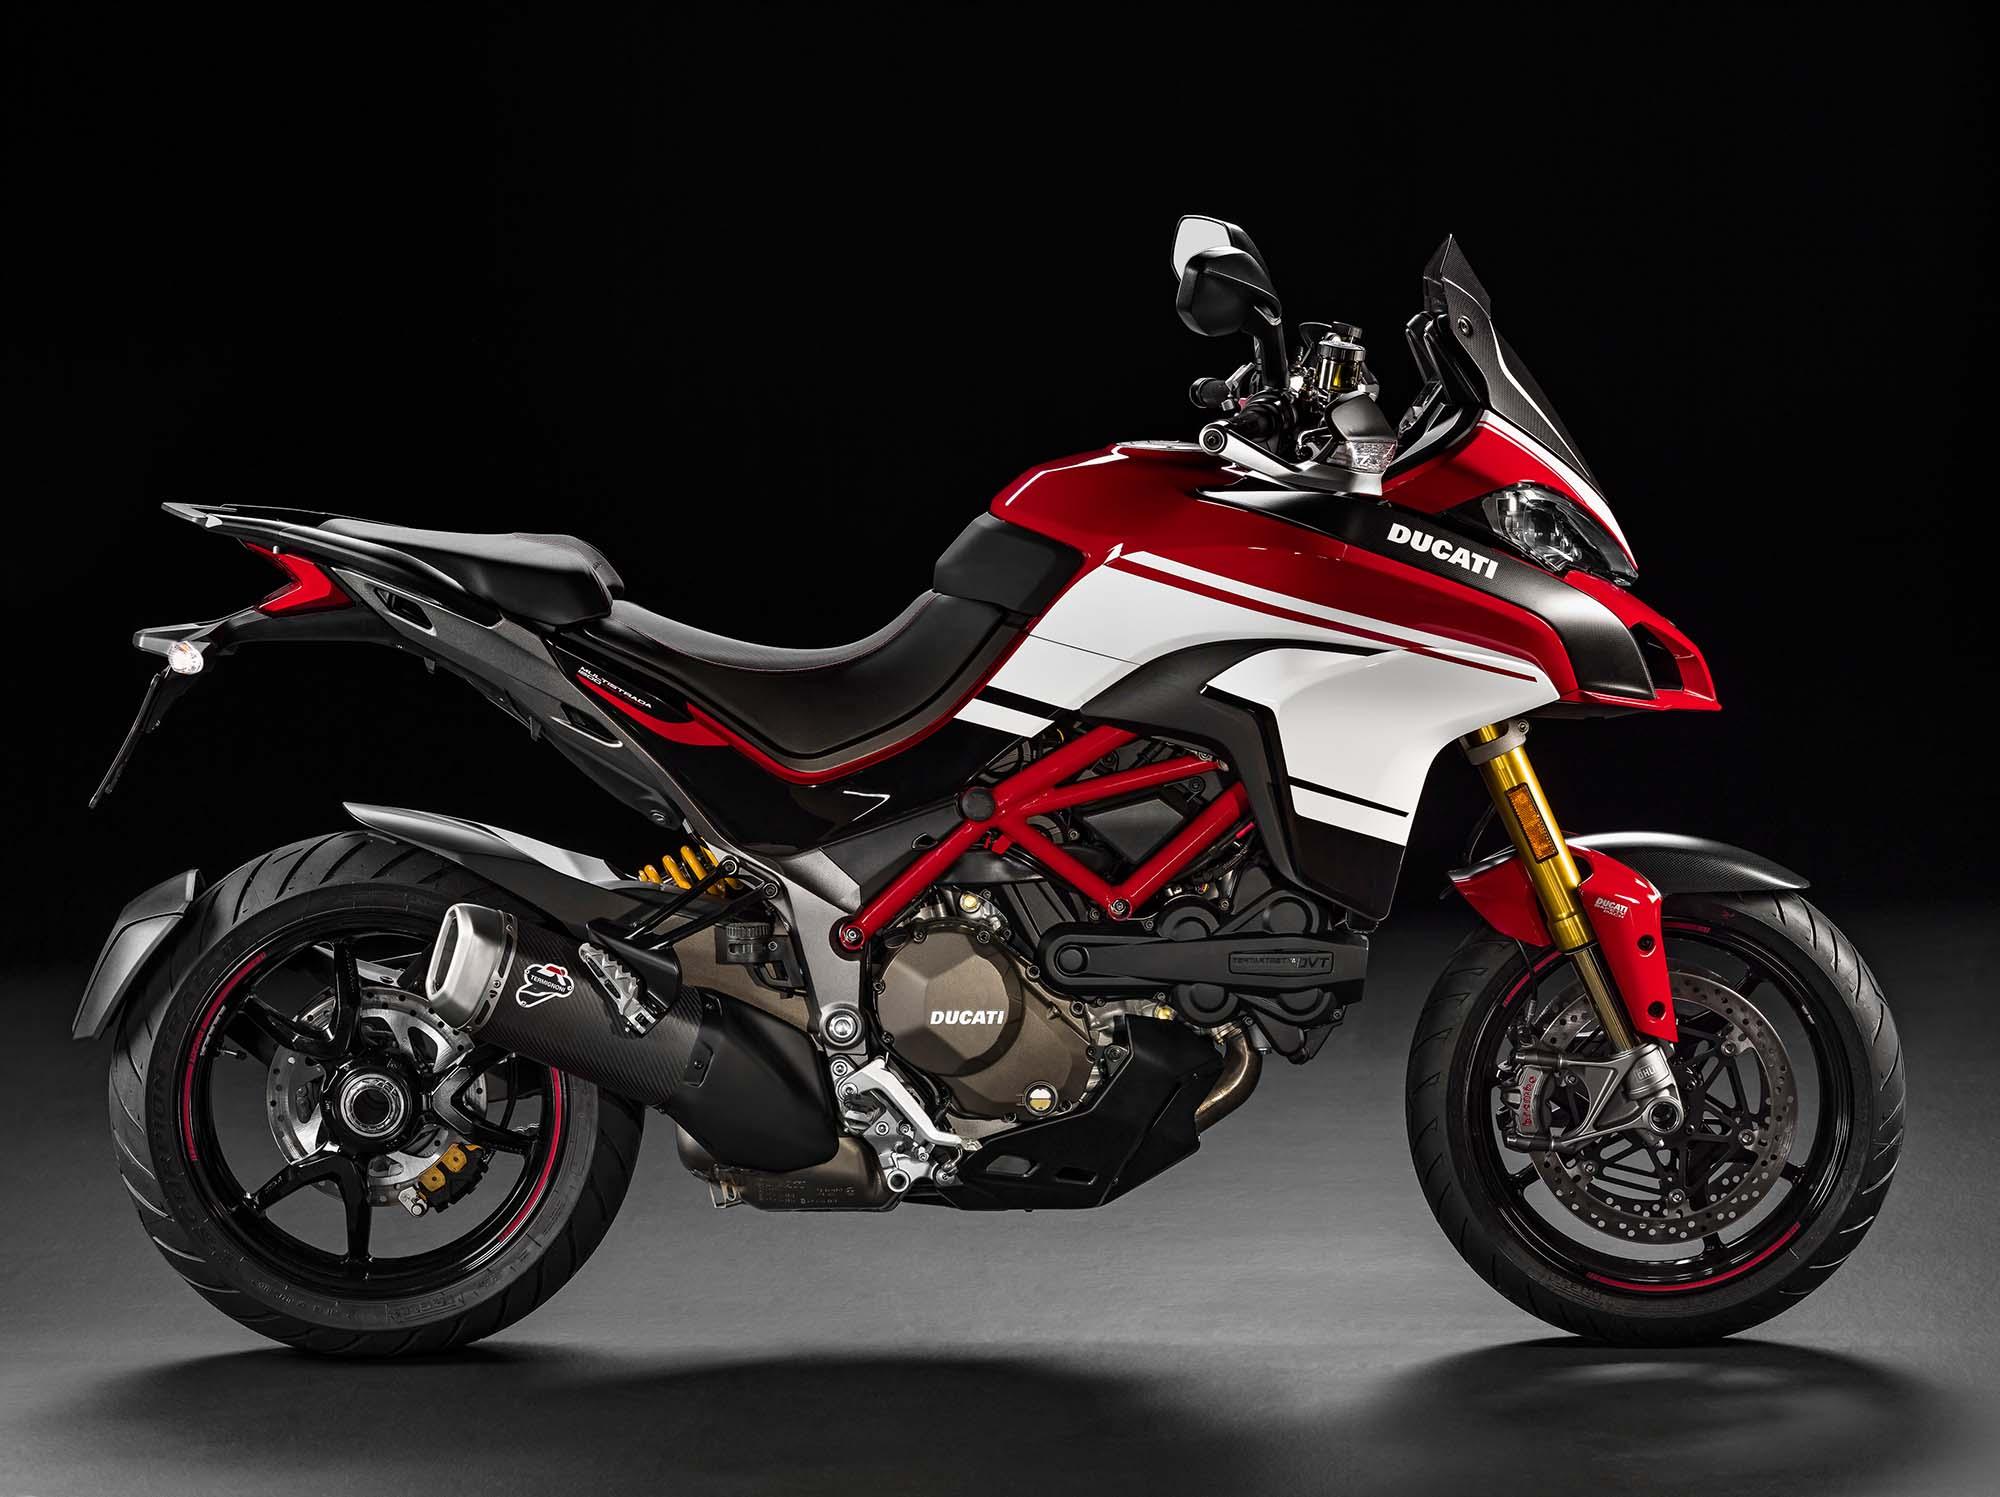 2018 Ducati Multistrada 950 Review • Total Motorcycle